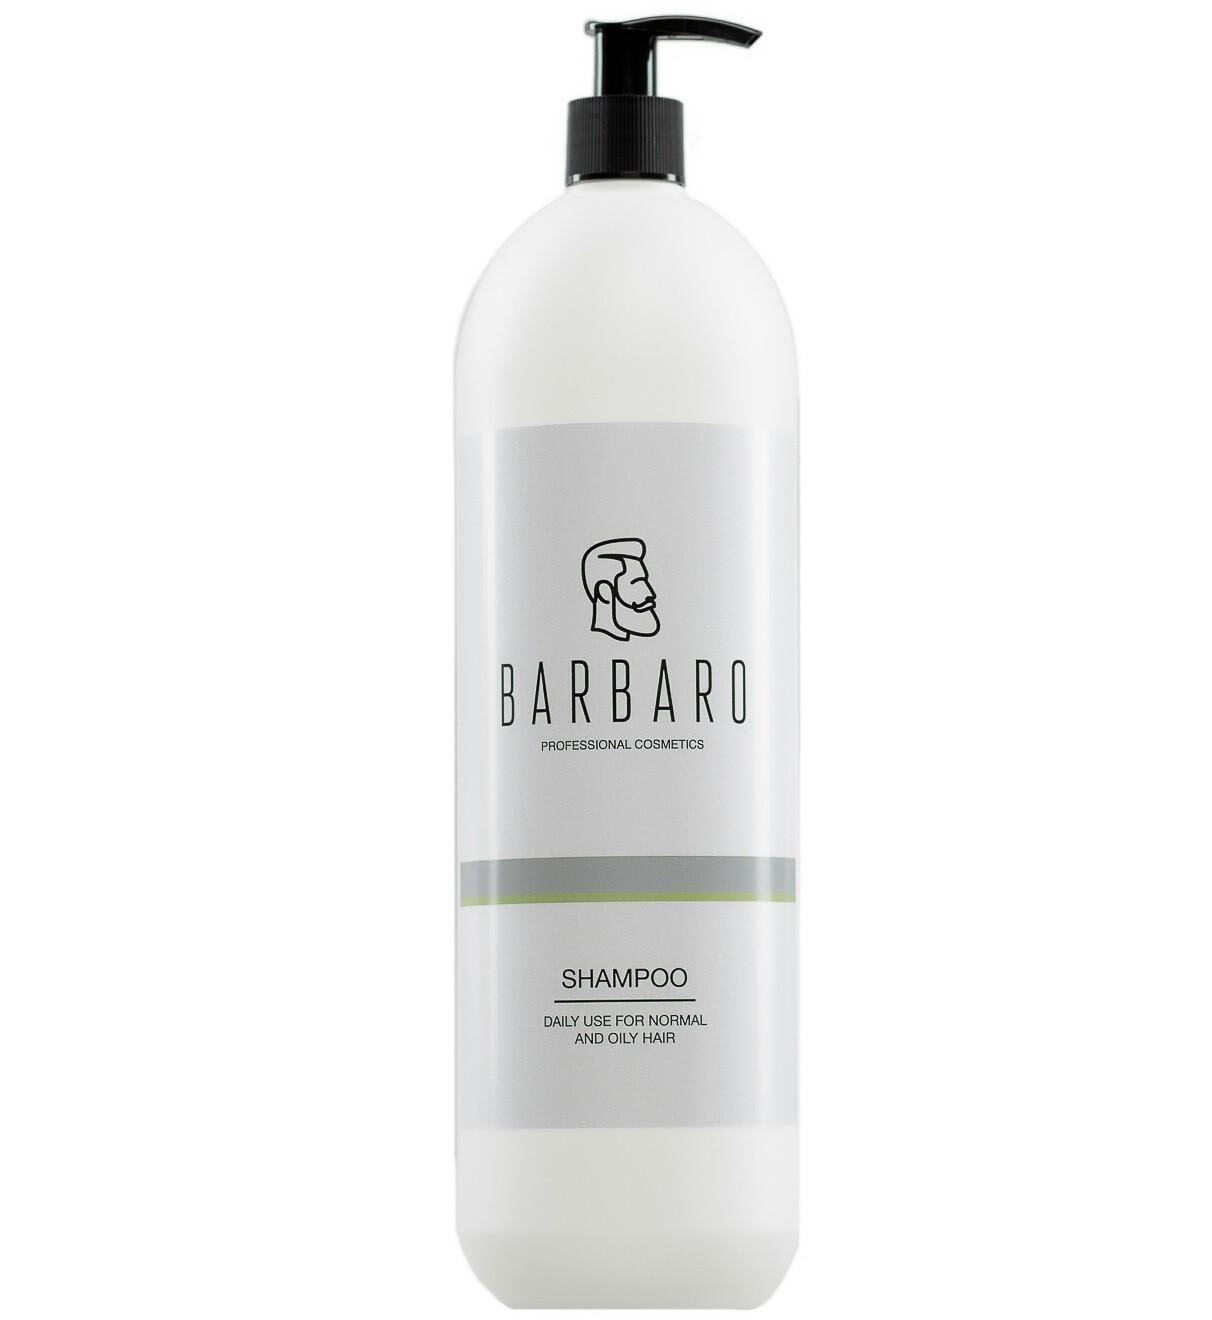 Barbaro Shampoo Daily Use - Шампунь для ежедневного ухода за нормальными и жирными волосами 1000 мл